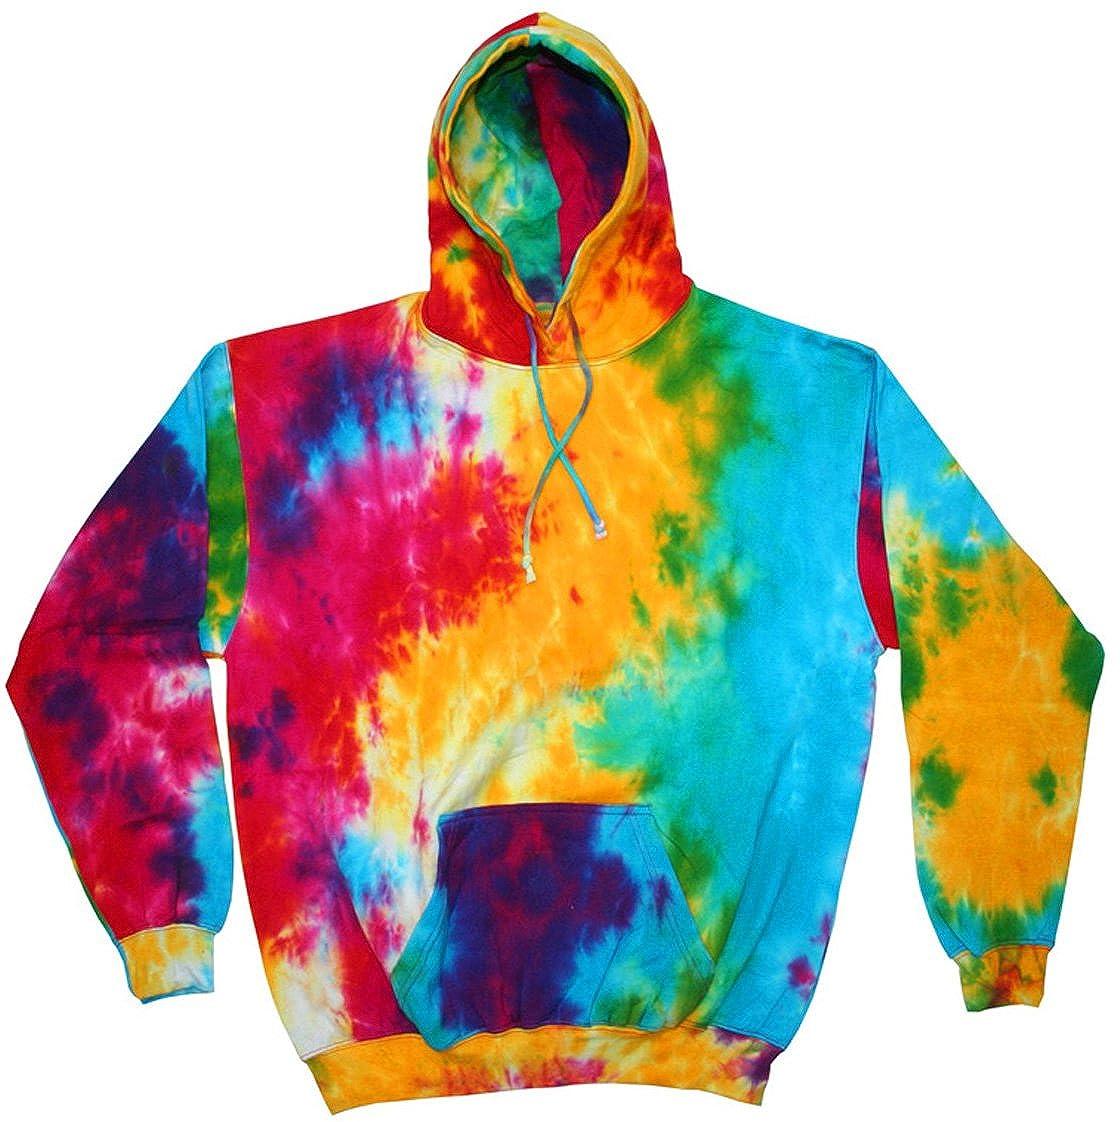 Tie Dye Multi Rainbow Retro Groovy Adult Hooded Sweatshirt Hoodie CT-8777-MLTRNBW